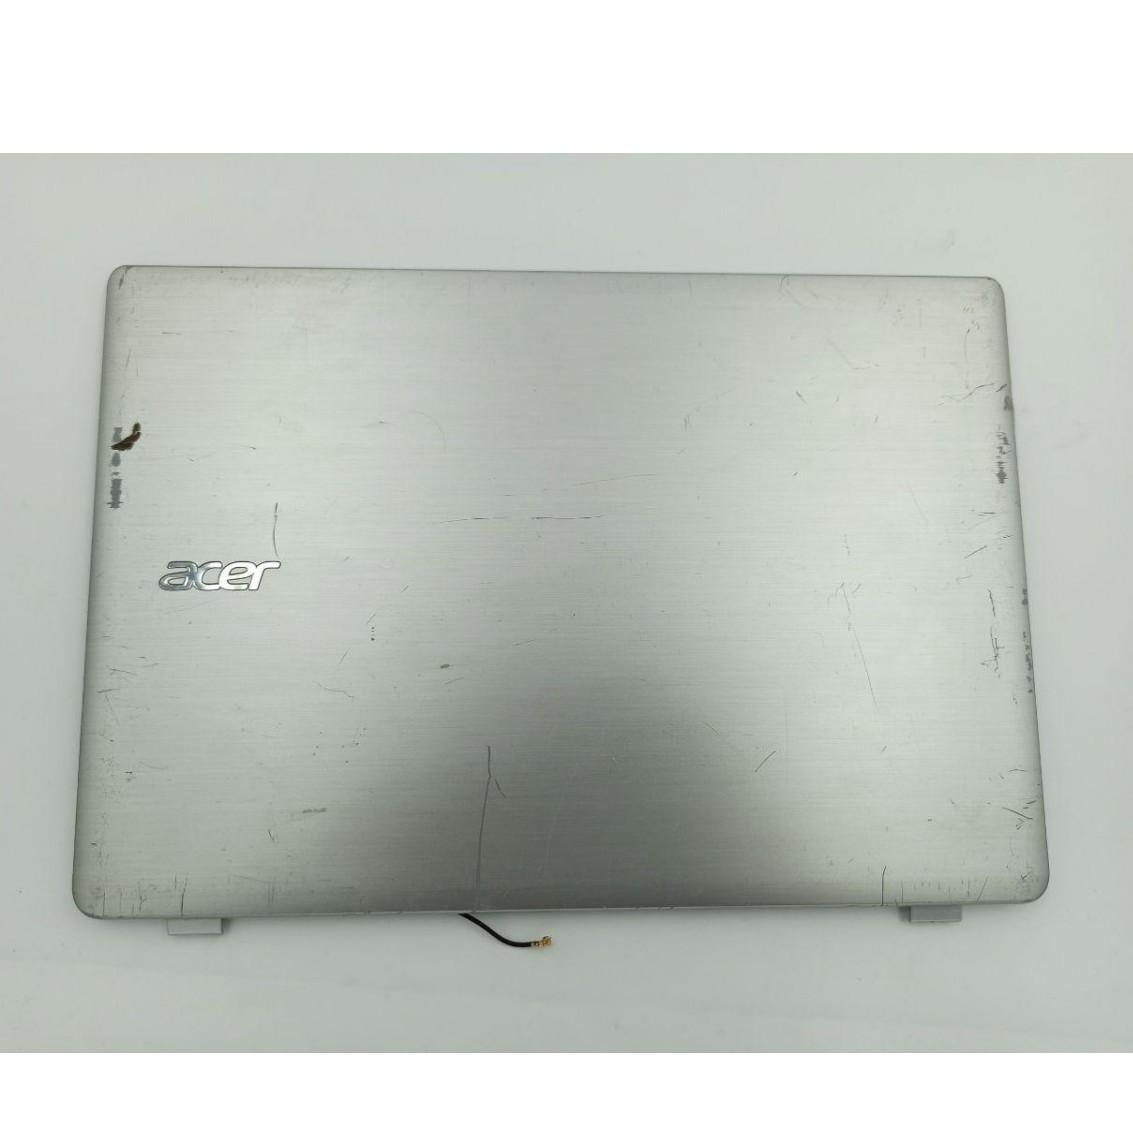 """Кришка матриці для ноутбука Acer Aspire V5-122, MS2377, 11.6"""", wis604lk09002, б/в. Кріплення цілі, присутні"""